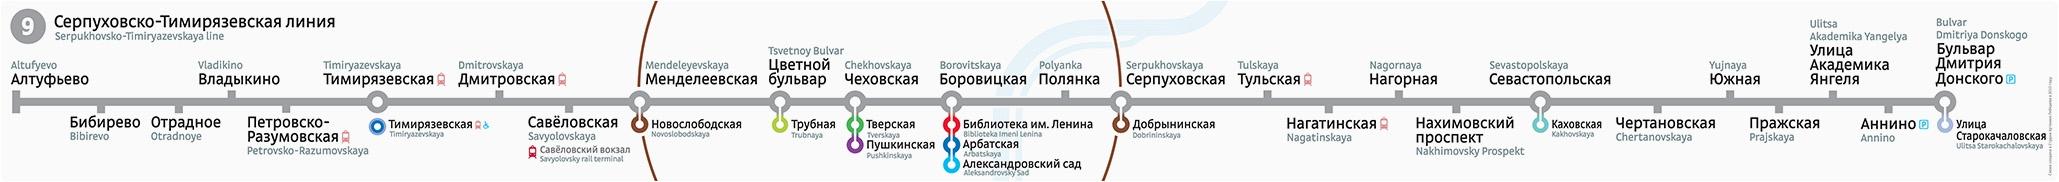 на Замоскворецкой линии